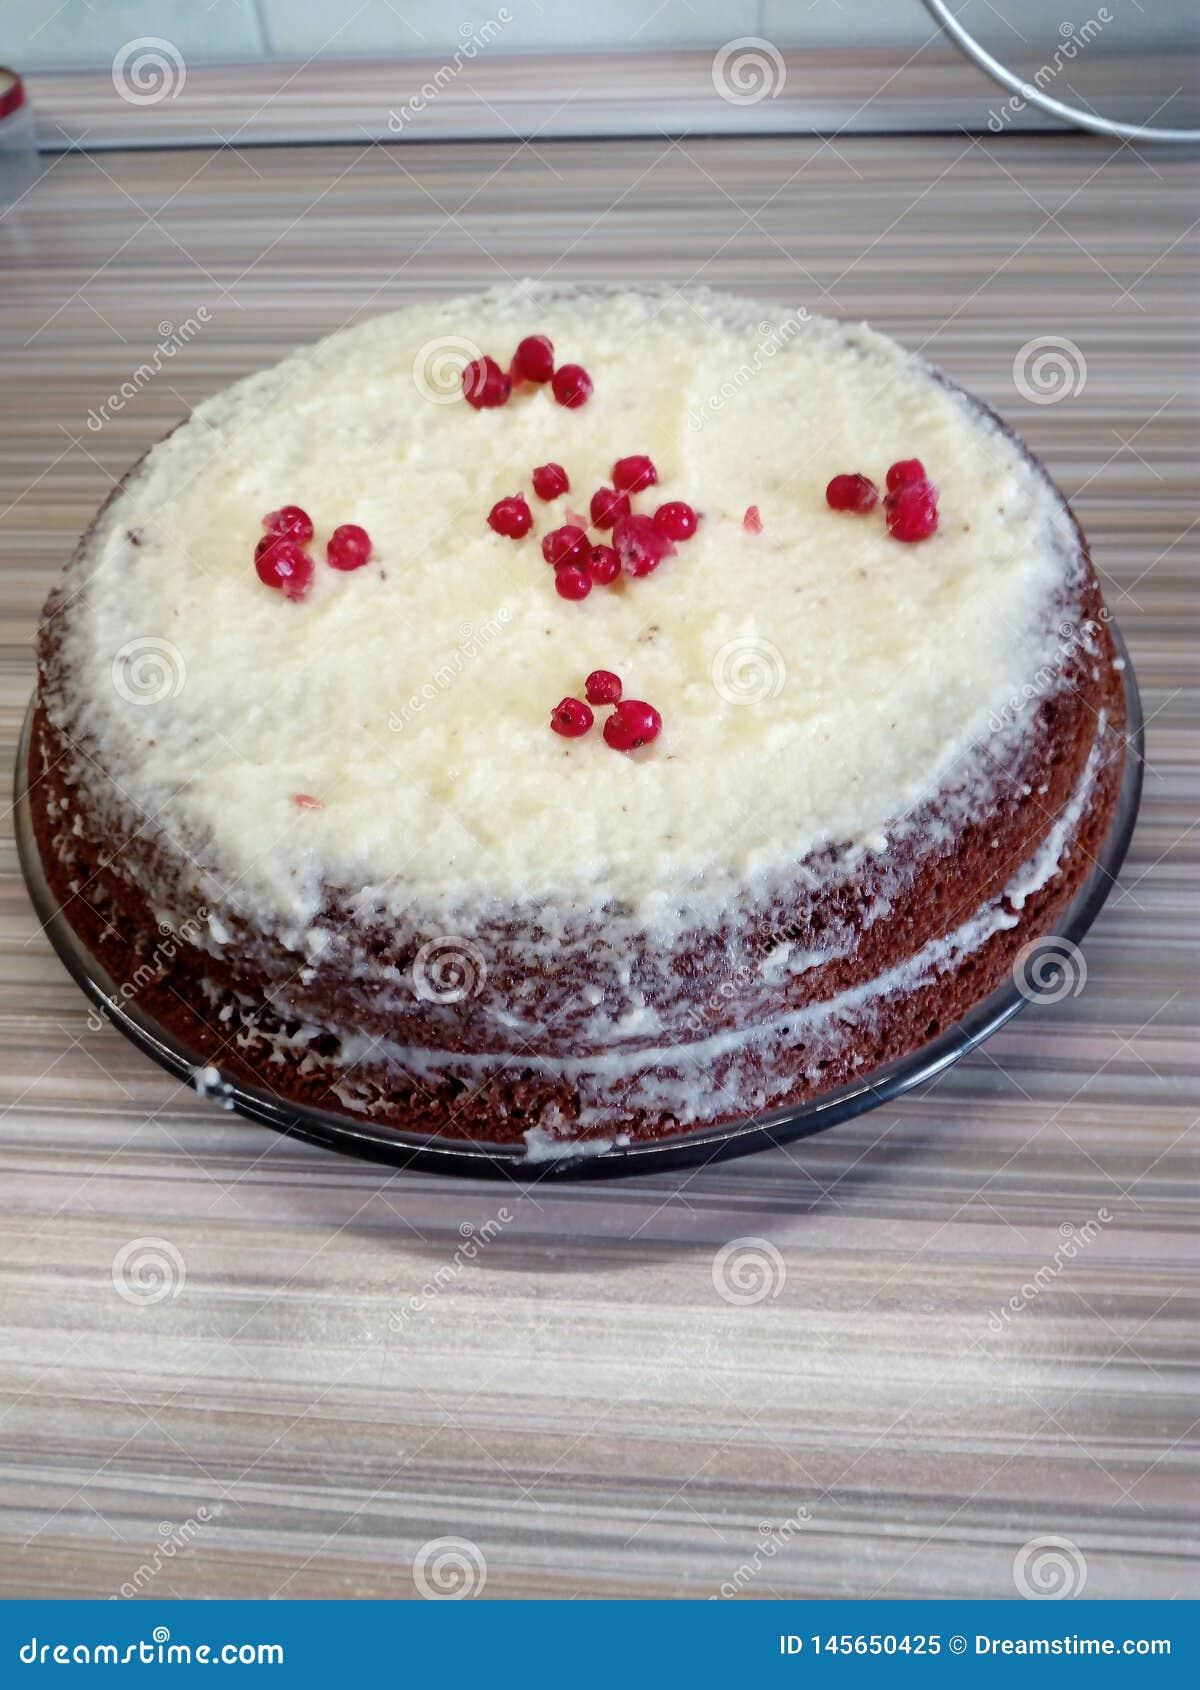 Torta hecha en casa con crema y bayas